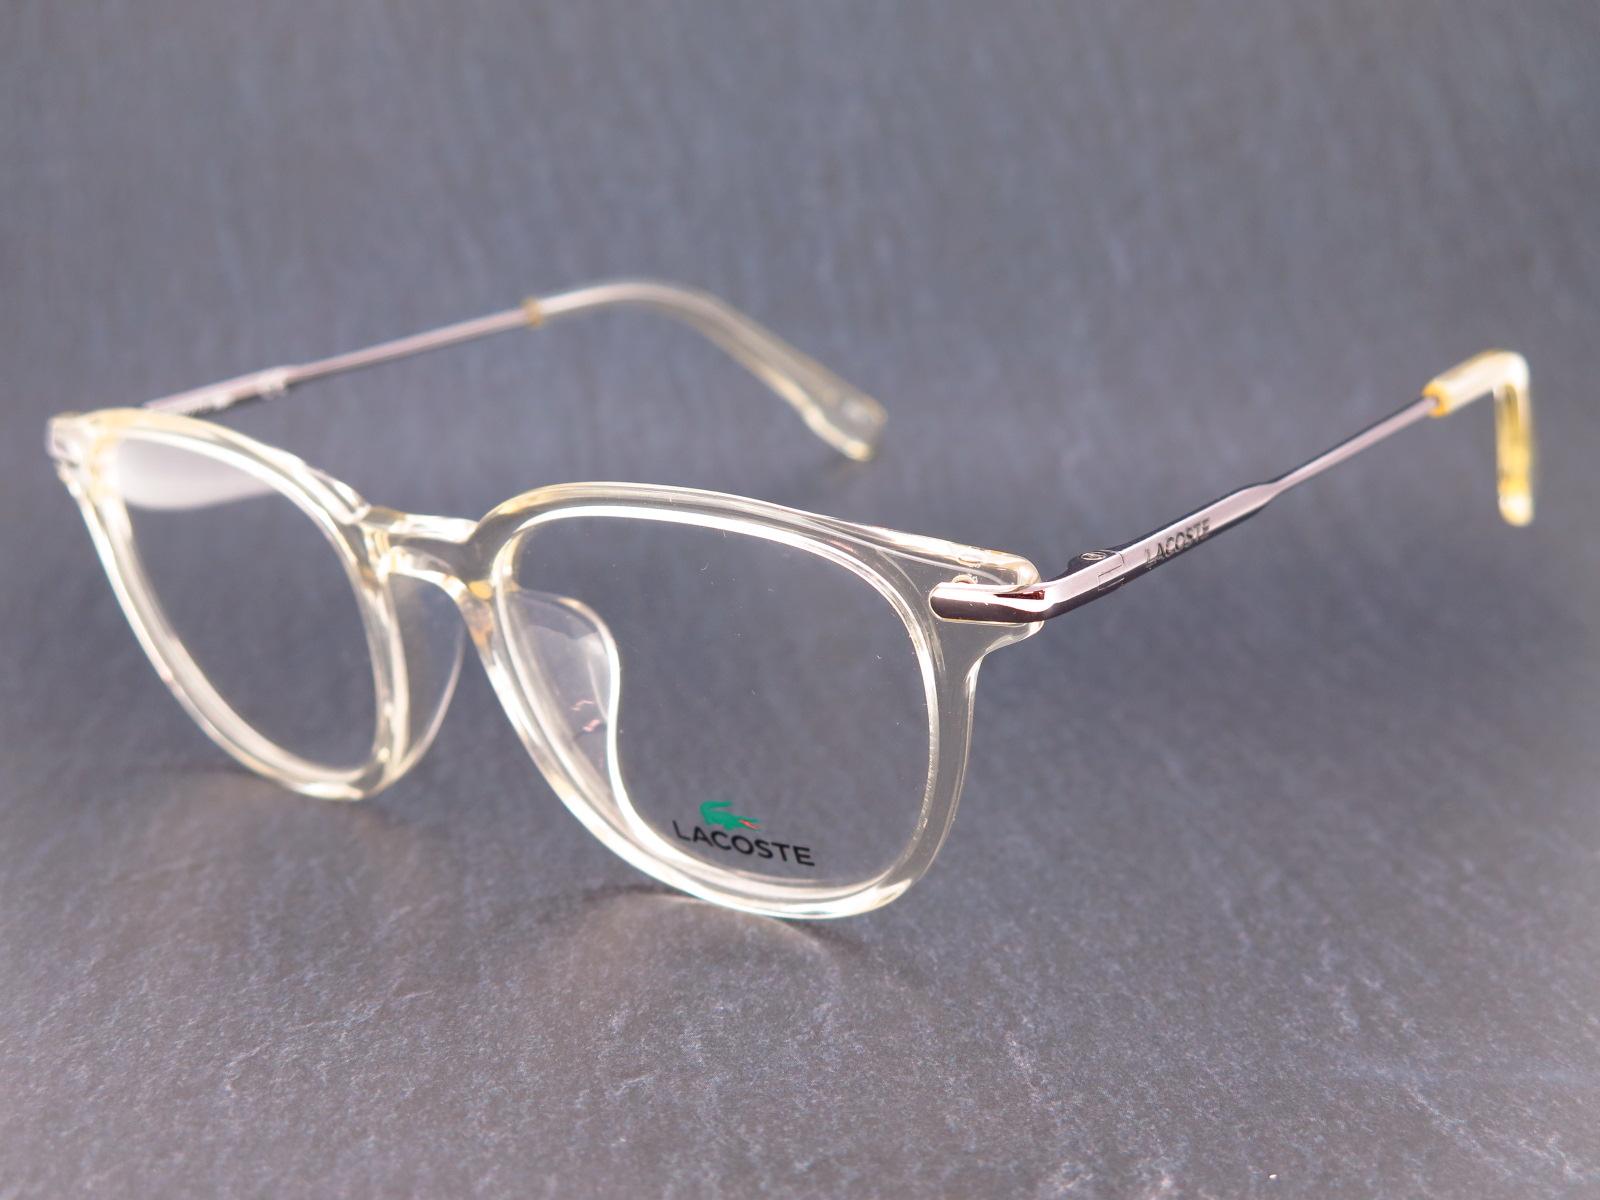 LACOSTE ラコステ ブランド メガネ アジアンフィット スクエア型 セルフレーム L2835A 264 50サイズ